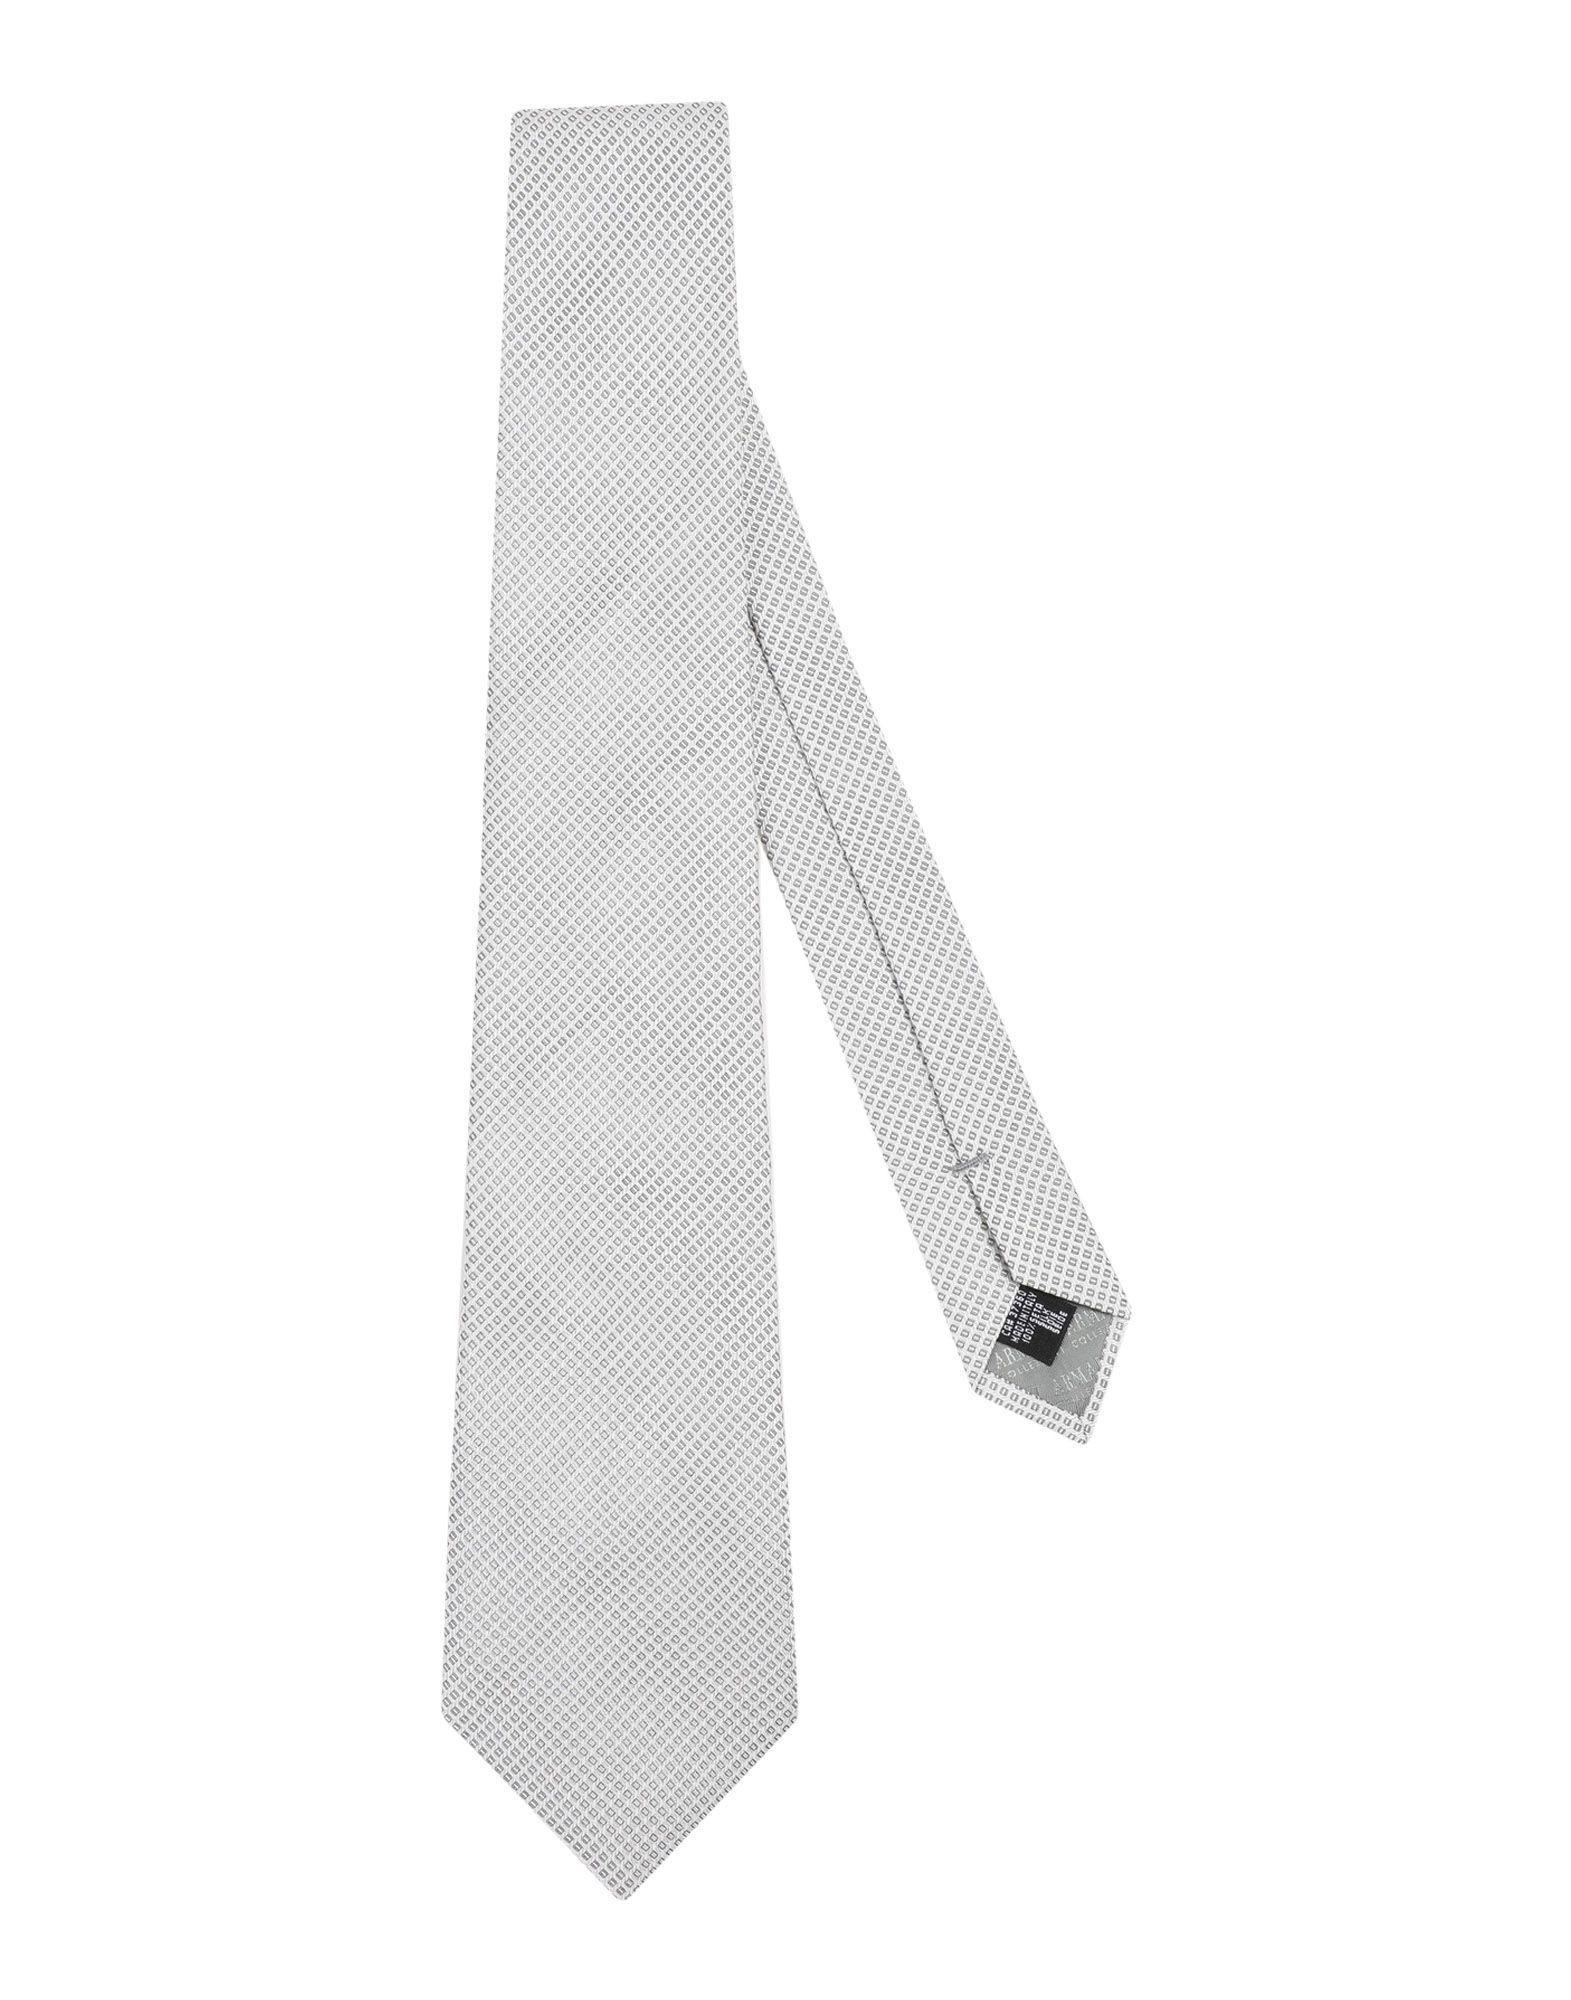 Armani Collezioni Ties In White